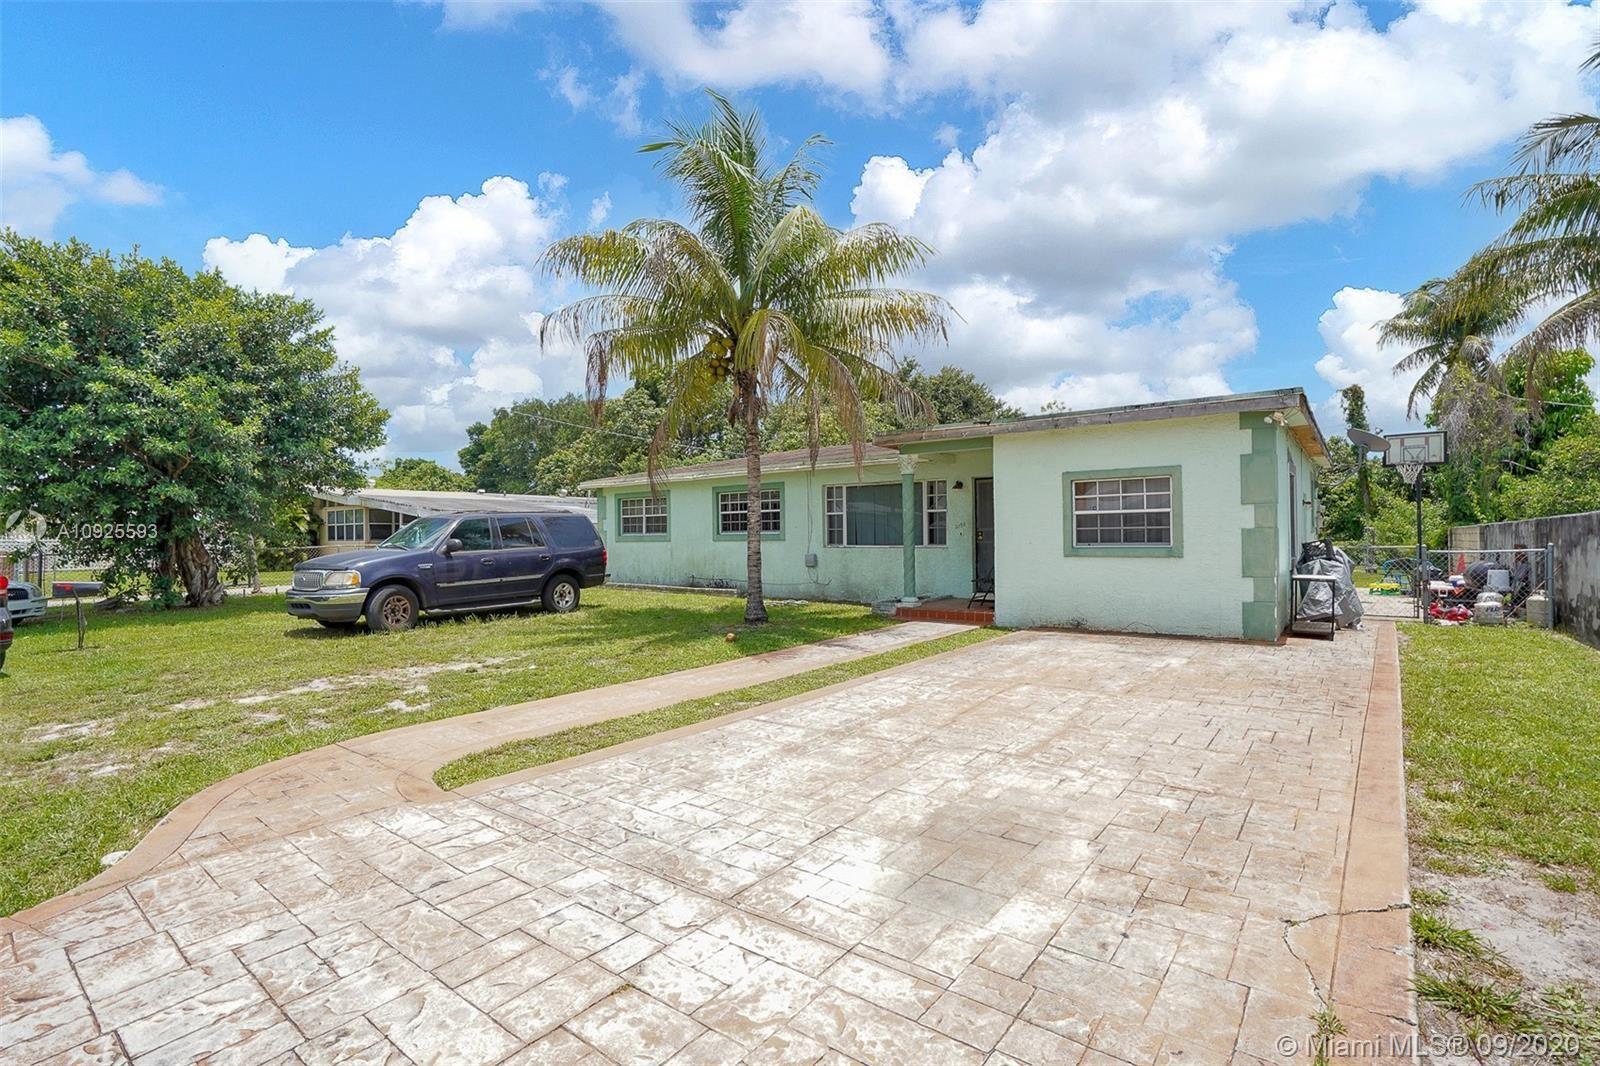 2150 NW 130th St, Miami, FL 33167 - #: A10925593